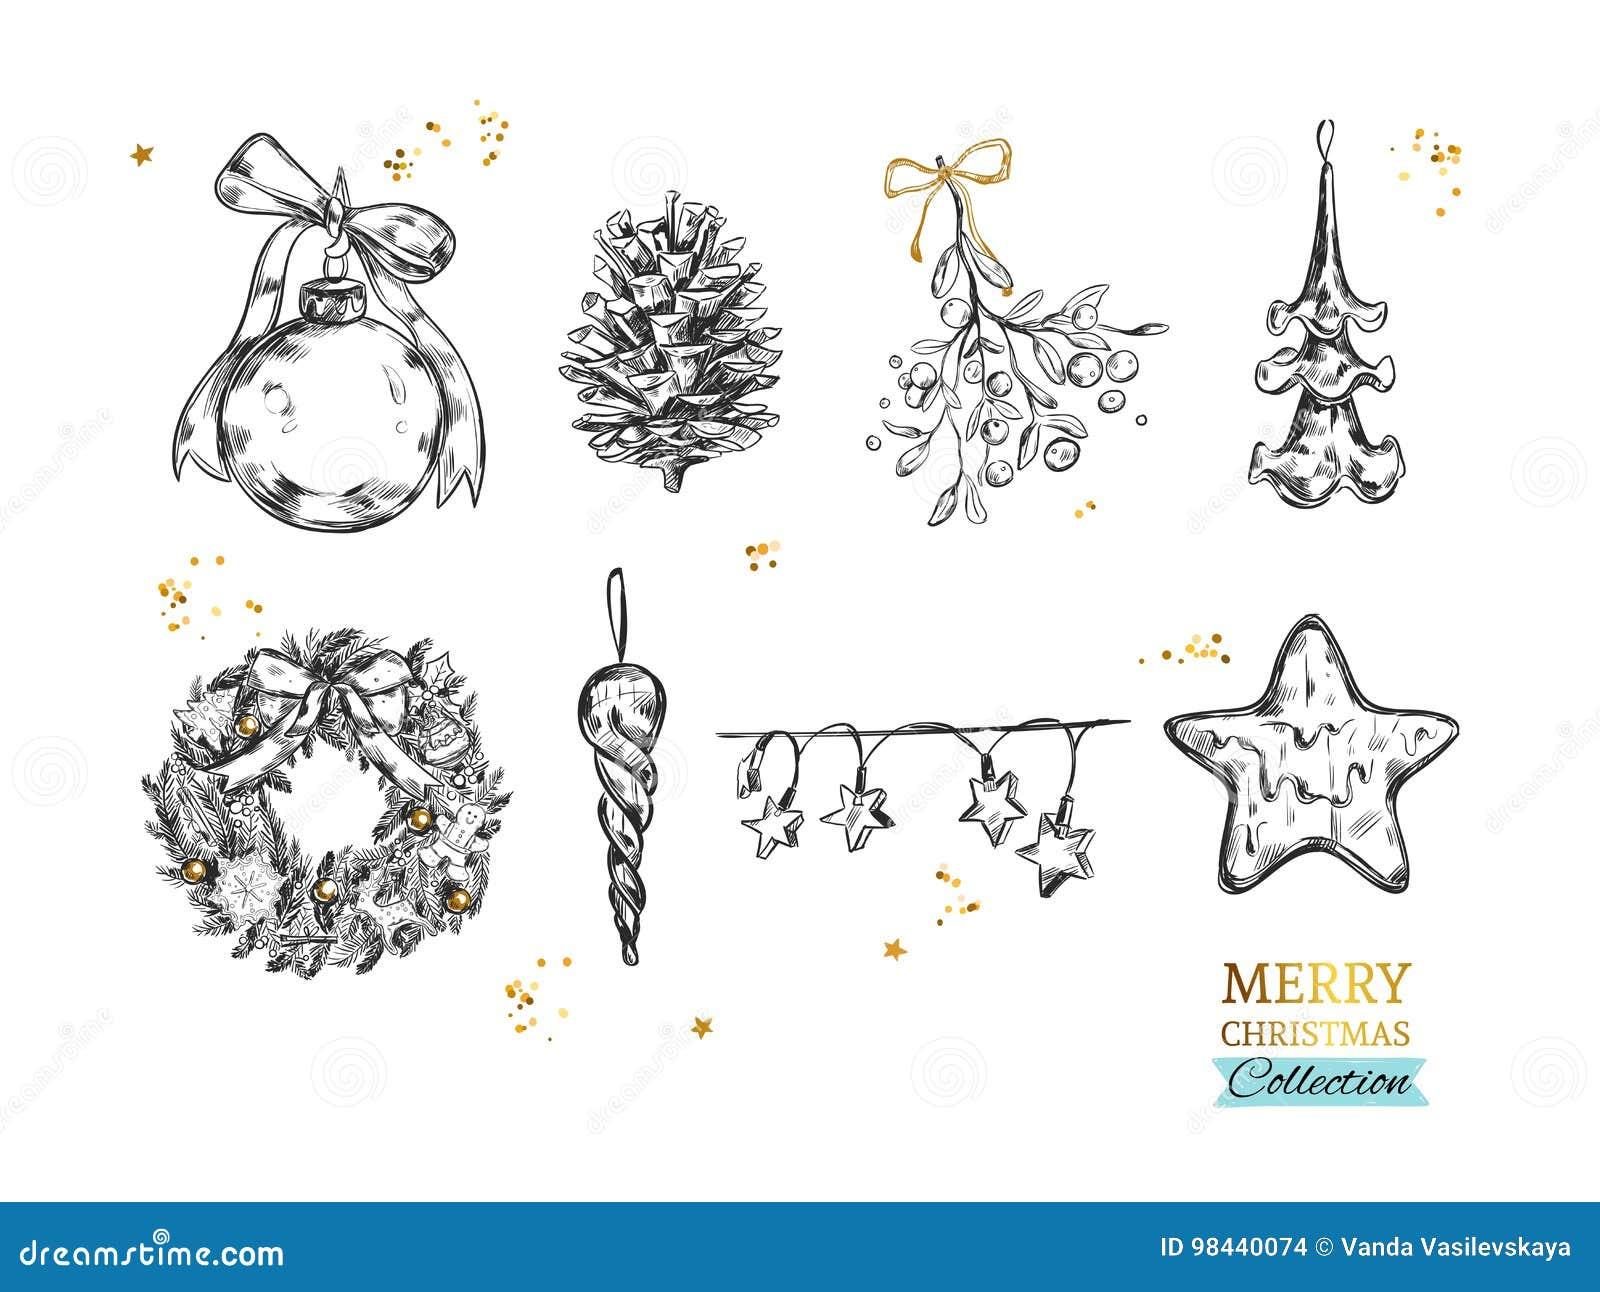 Συλλογή Χαρούμενα Χριστούγεννας με τις διανυσματικές συρμένες χέρι απεικονίσεις Σφαίρα Χριστουγέννων, Fir-tree κώνος, γκι, παγωμέ